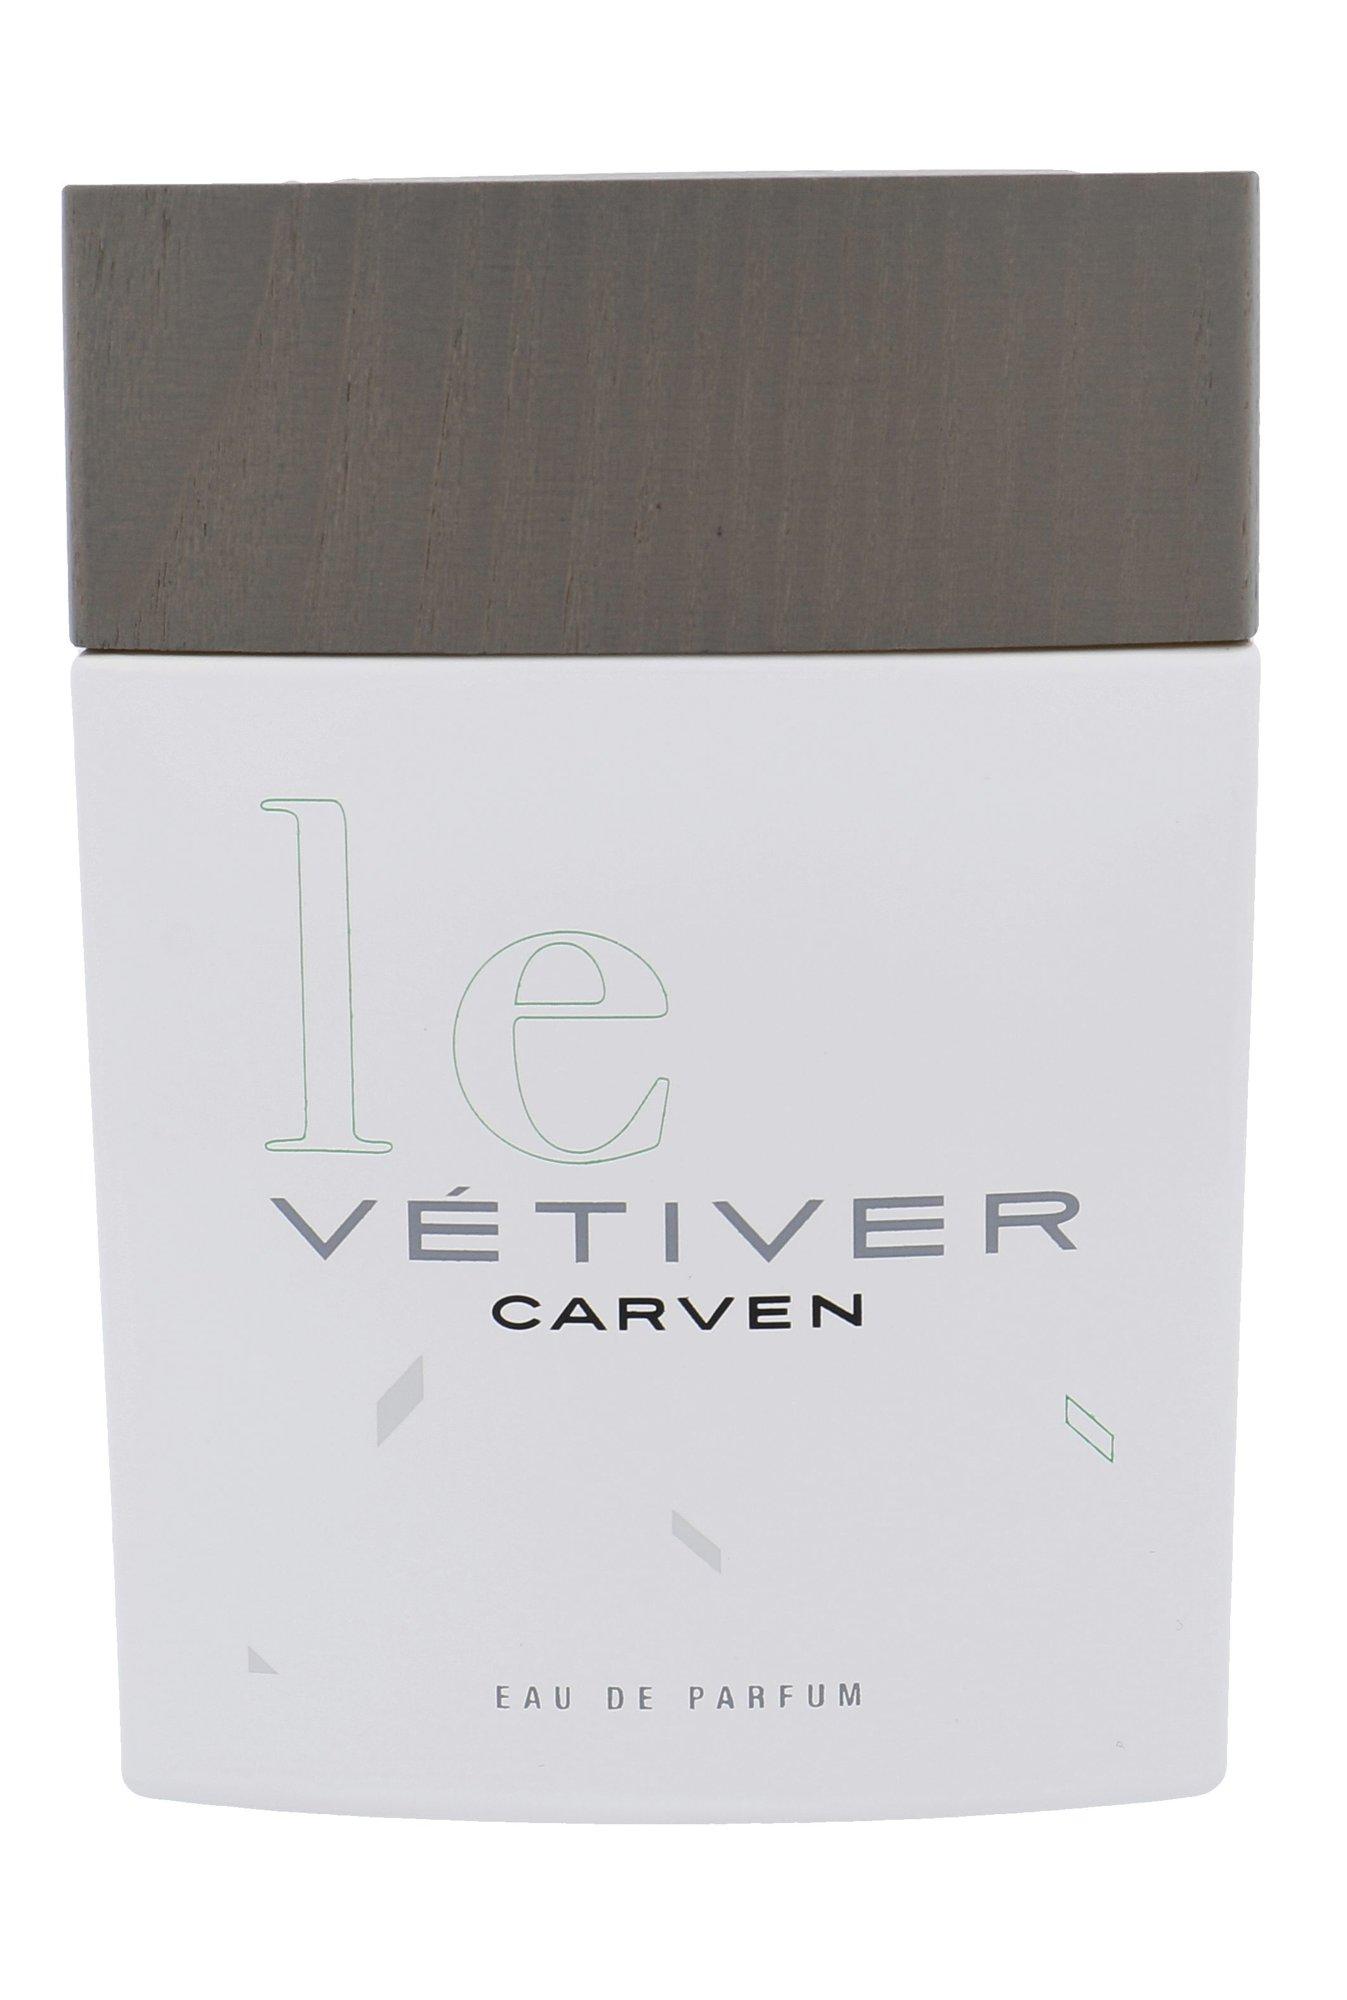 Carven Le Vetiver EDP 100ml